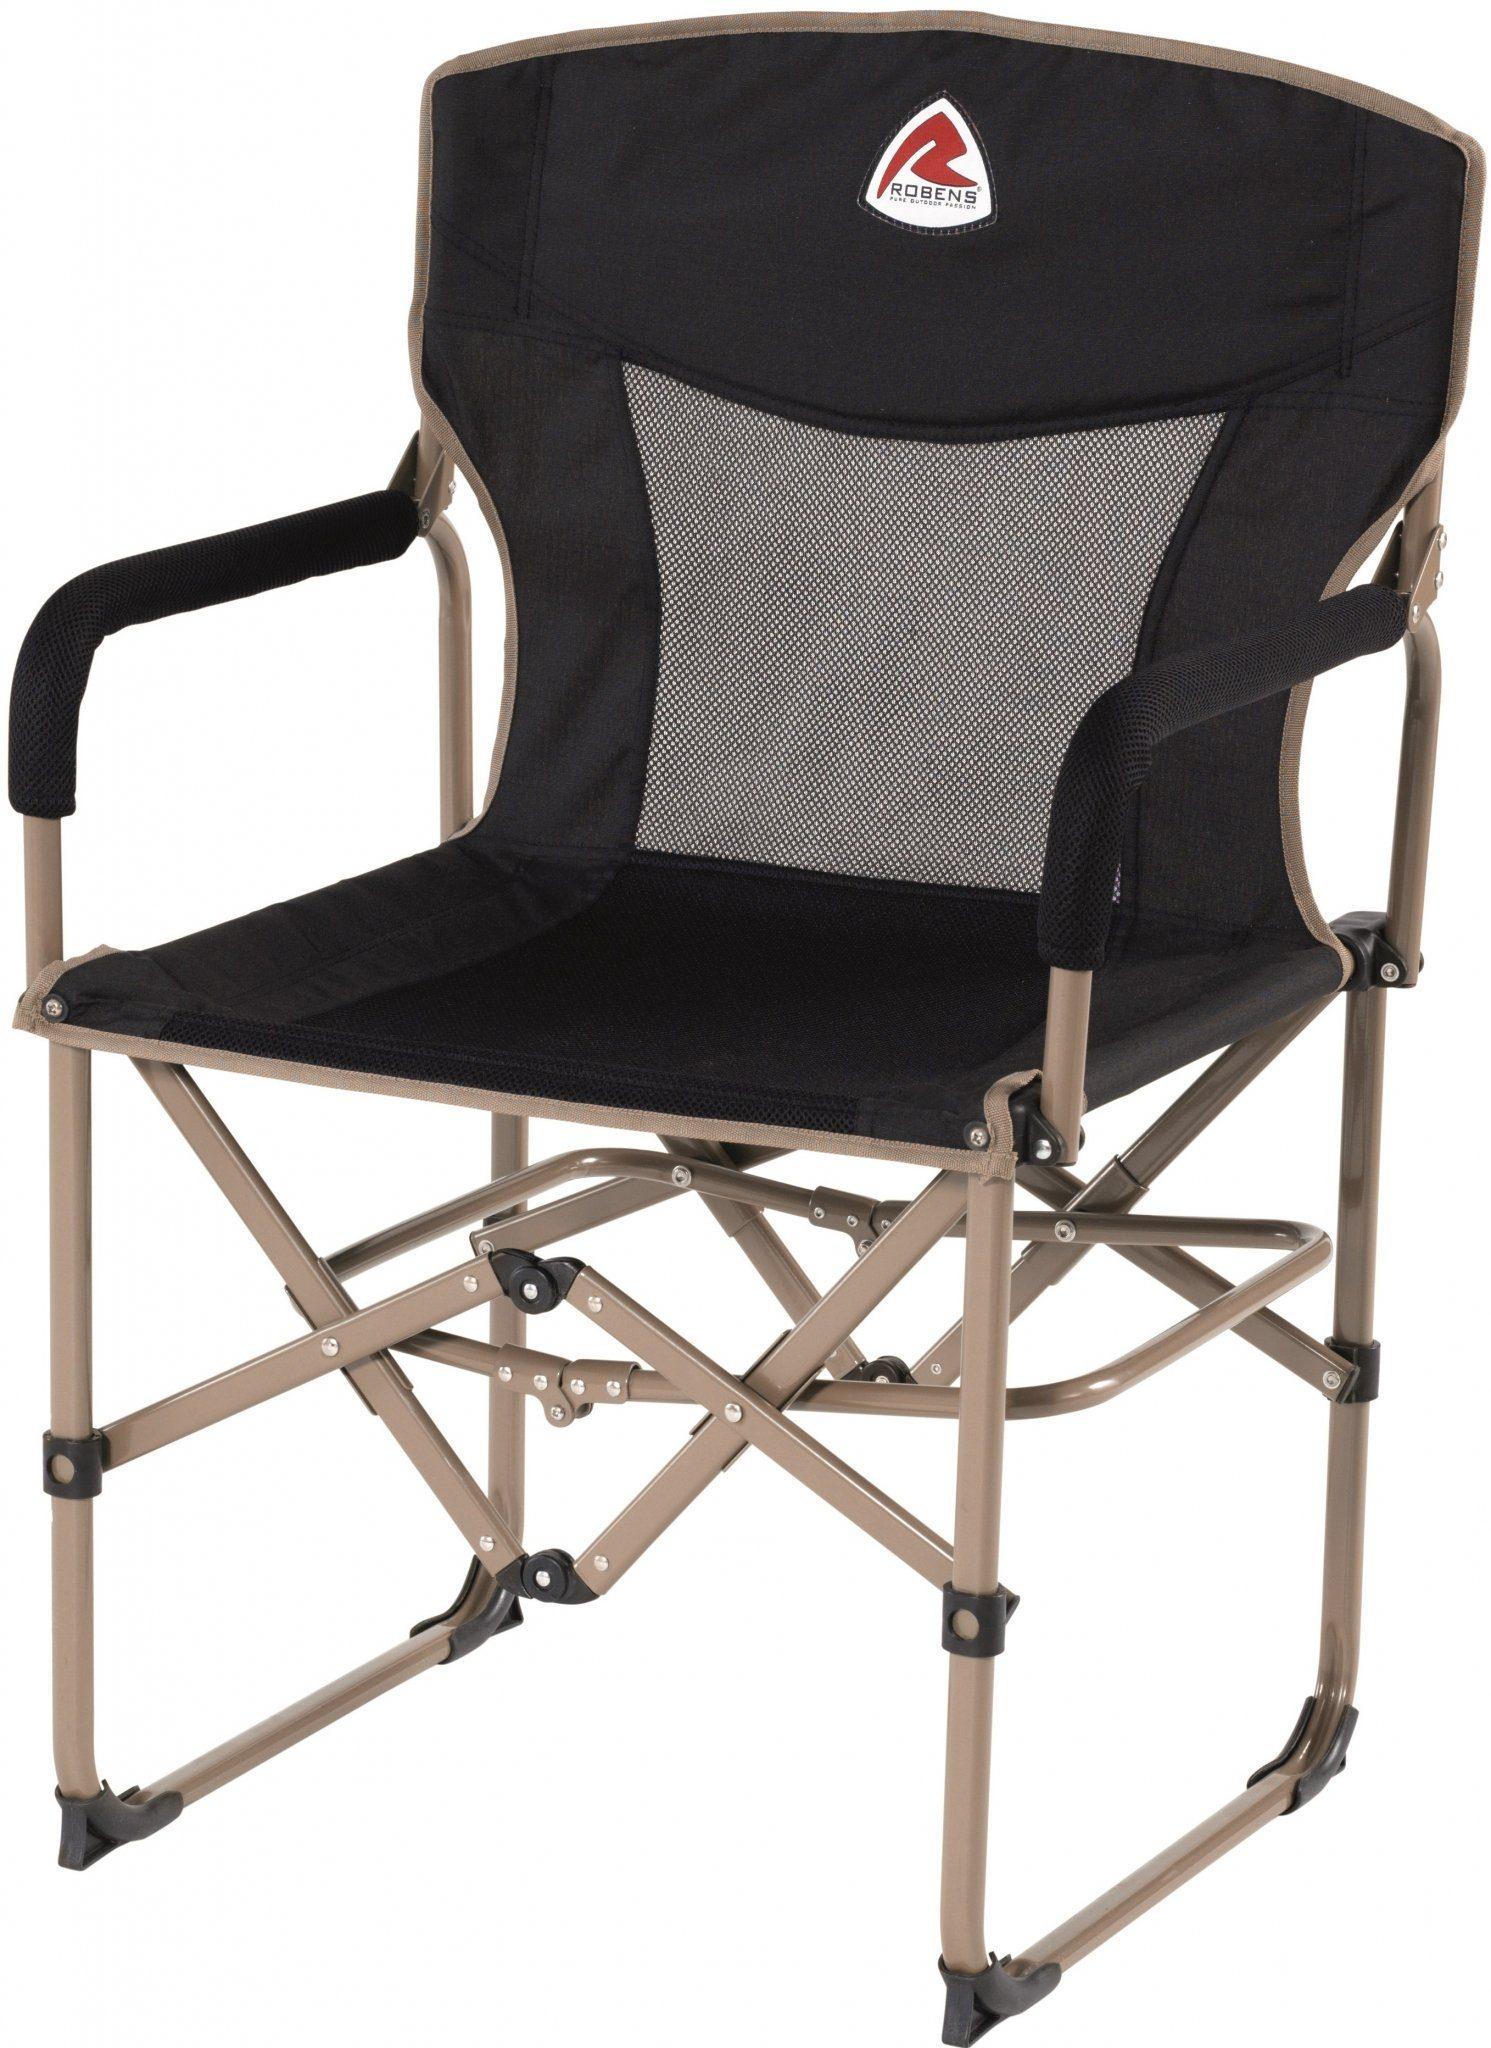 Robens Camping-Stuhl »Robens Settler Folding Chair«